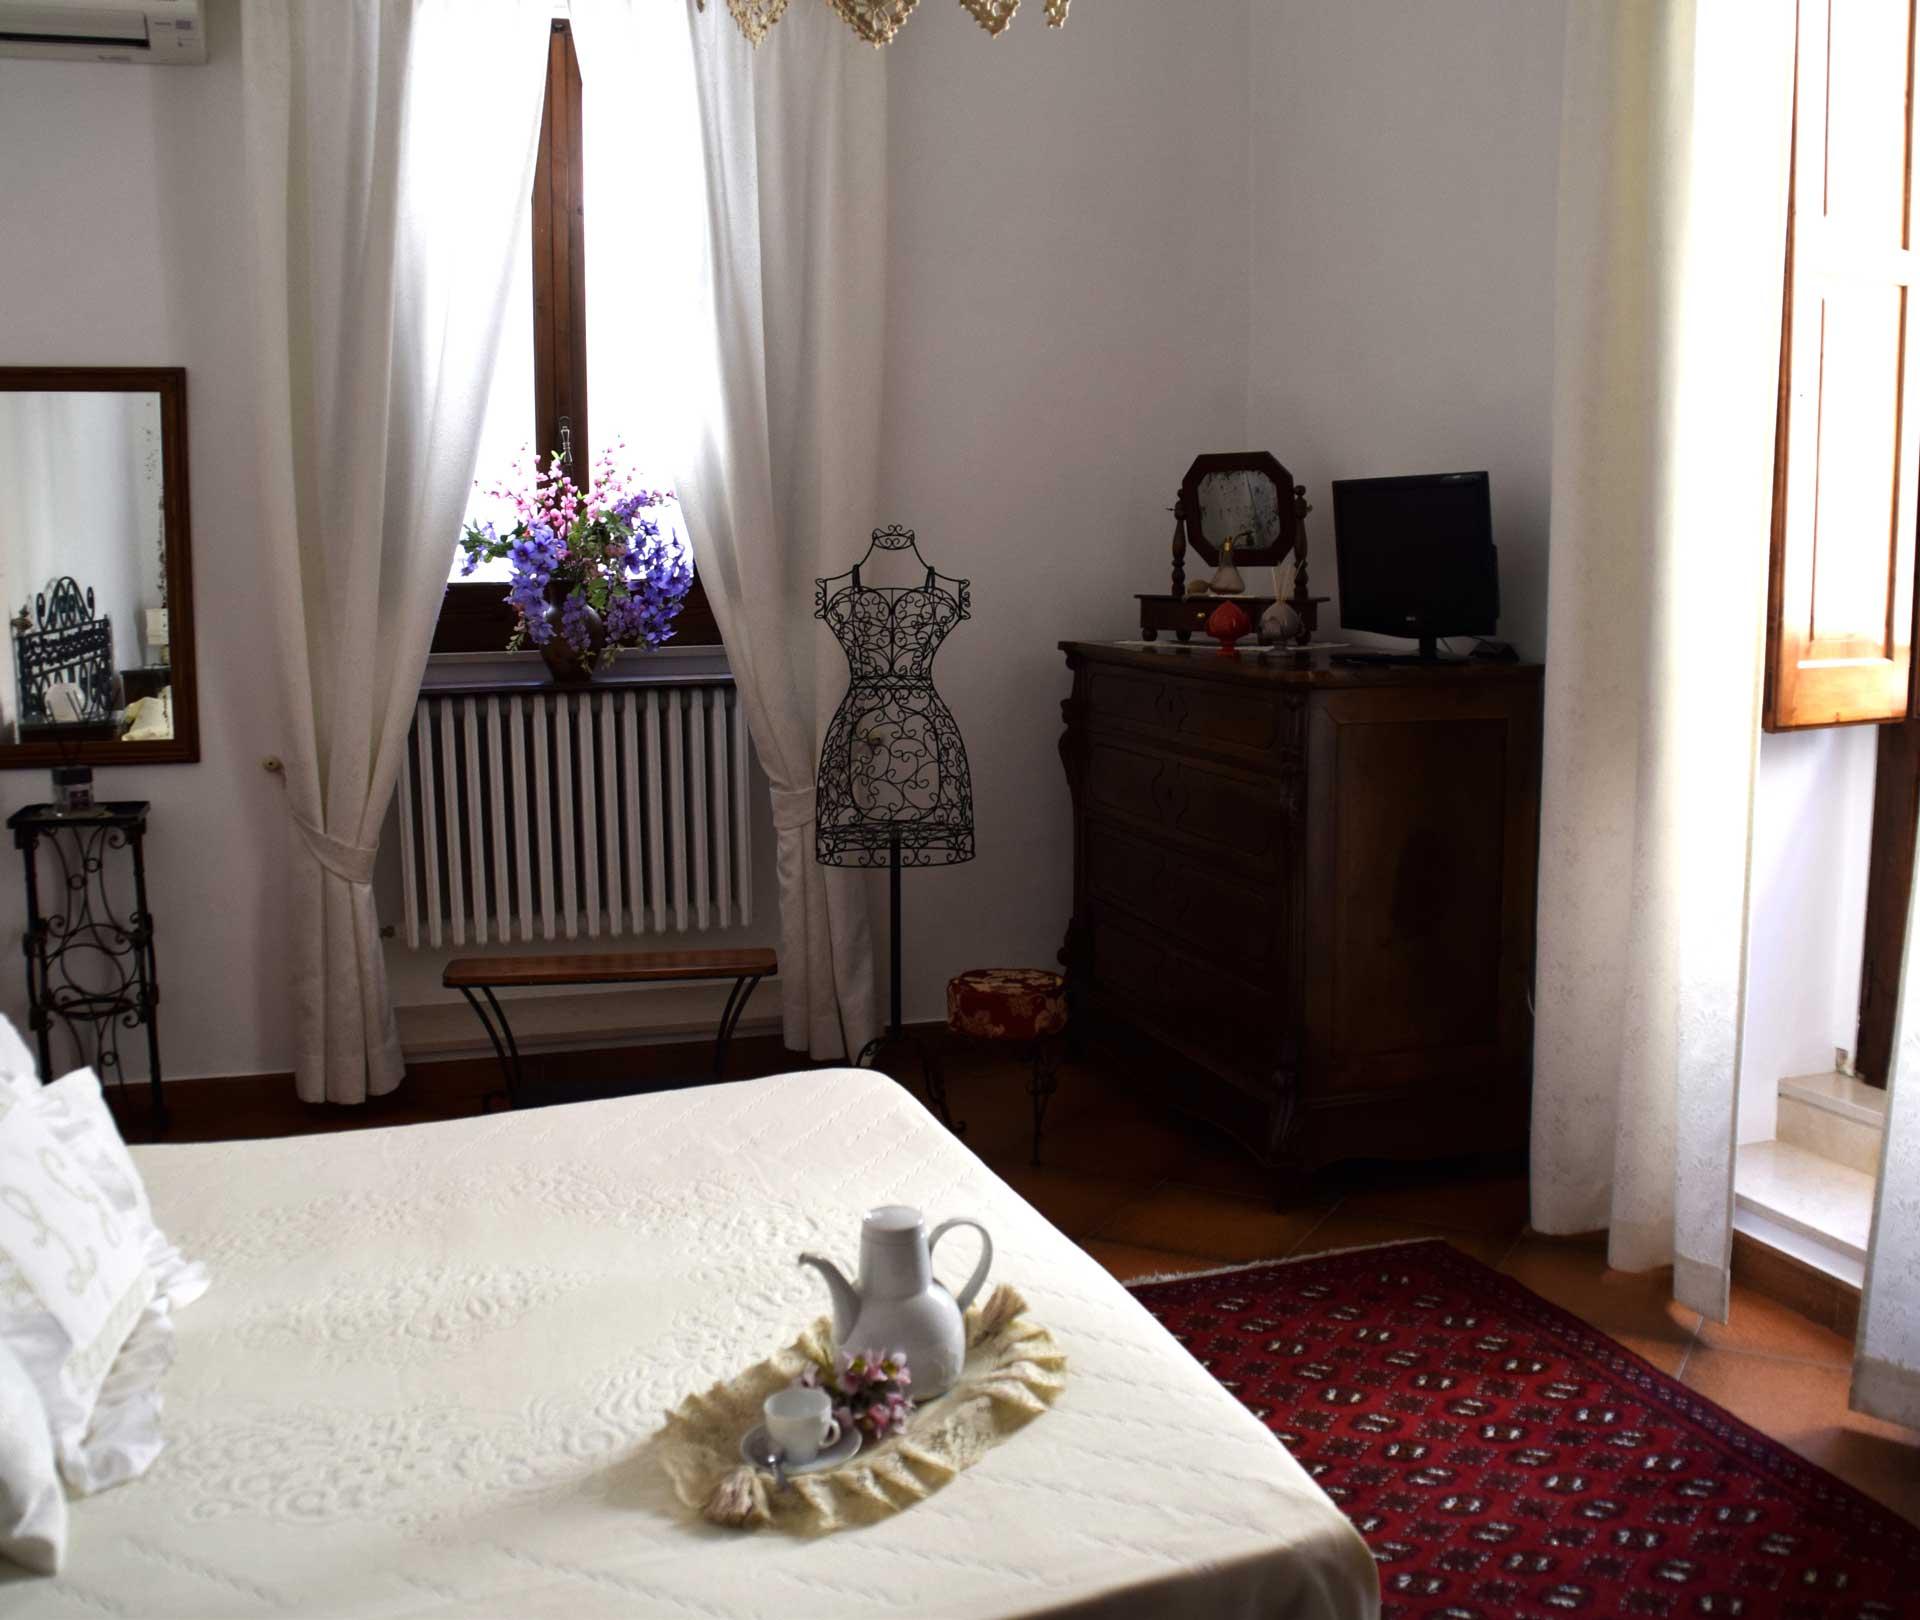 Home 1 - Malandri Ristorante e bed & breakfast